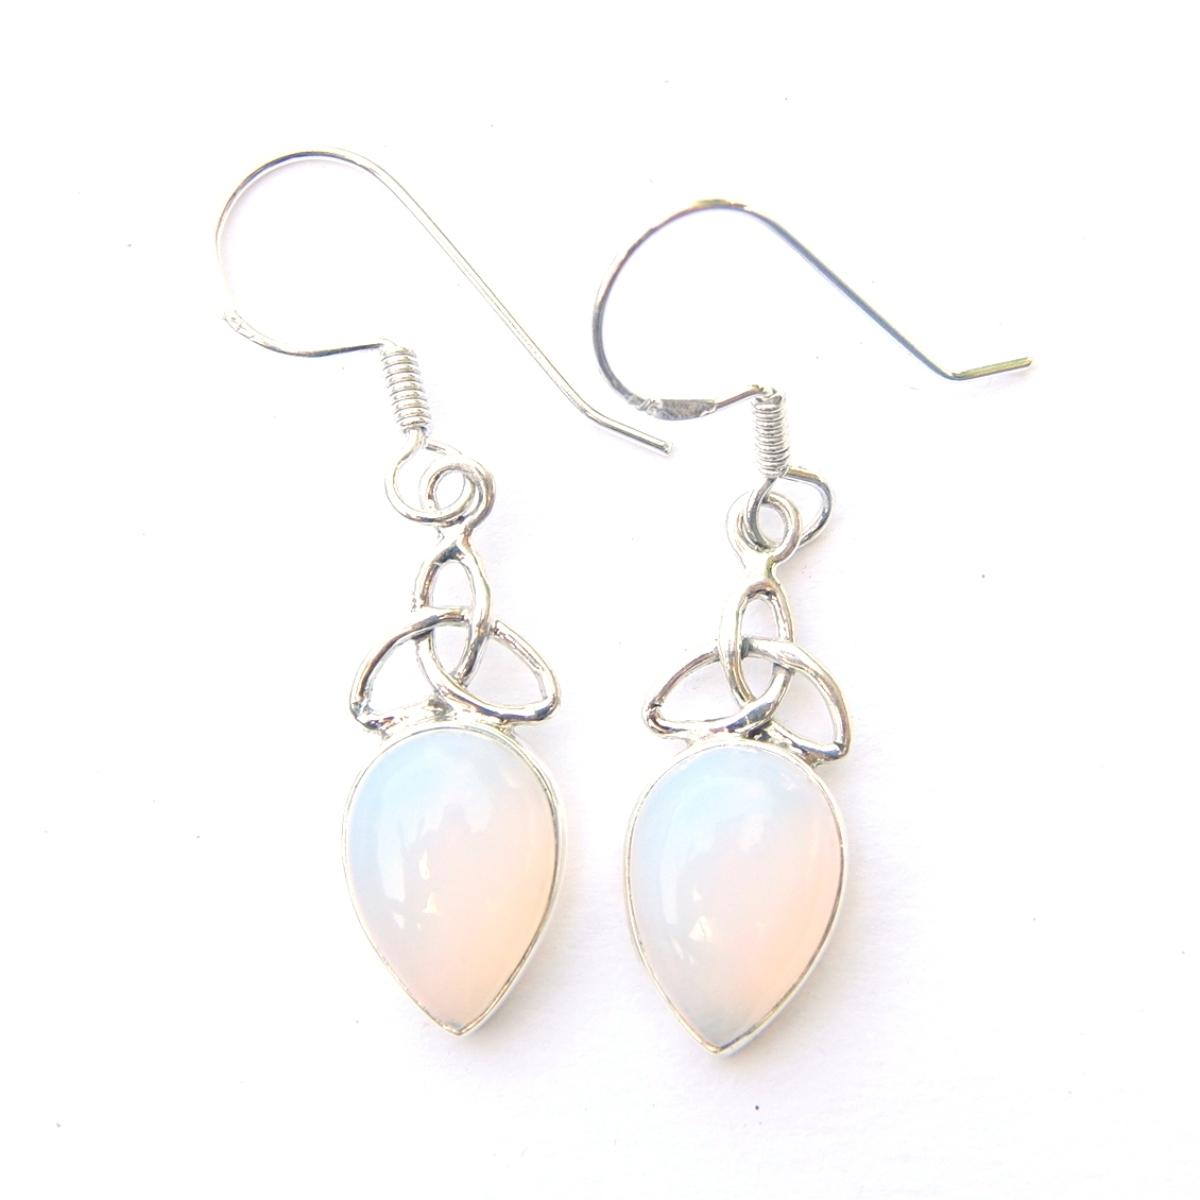 Opalite Triquetra Earrings